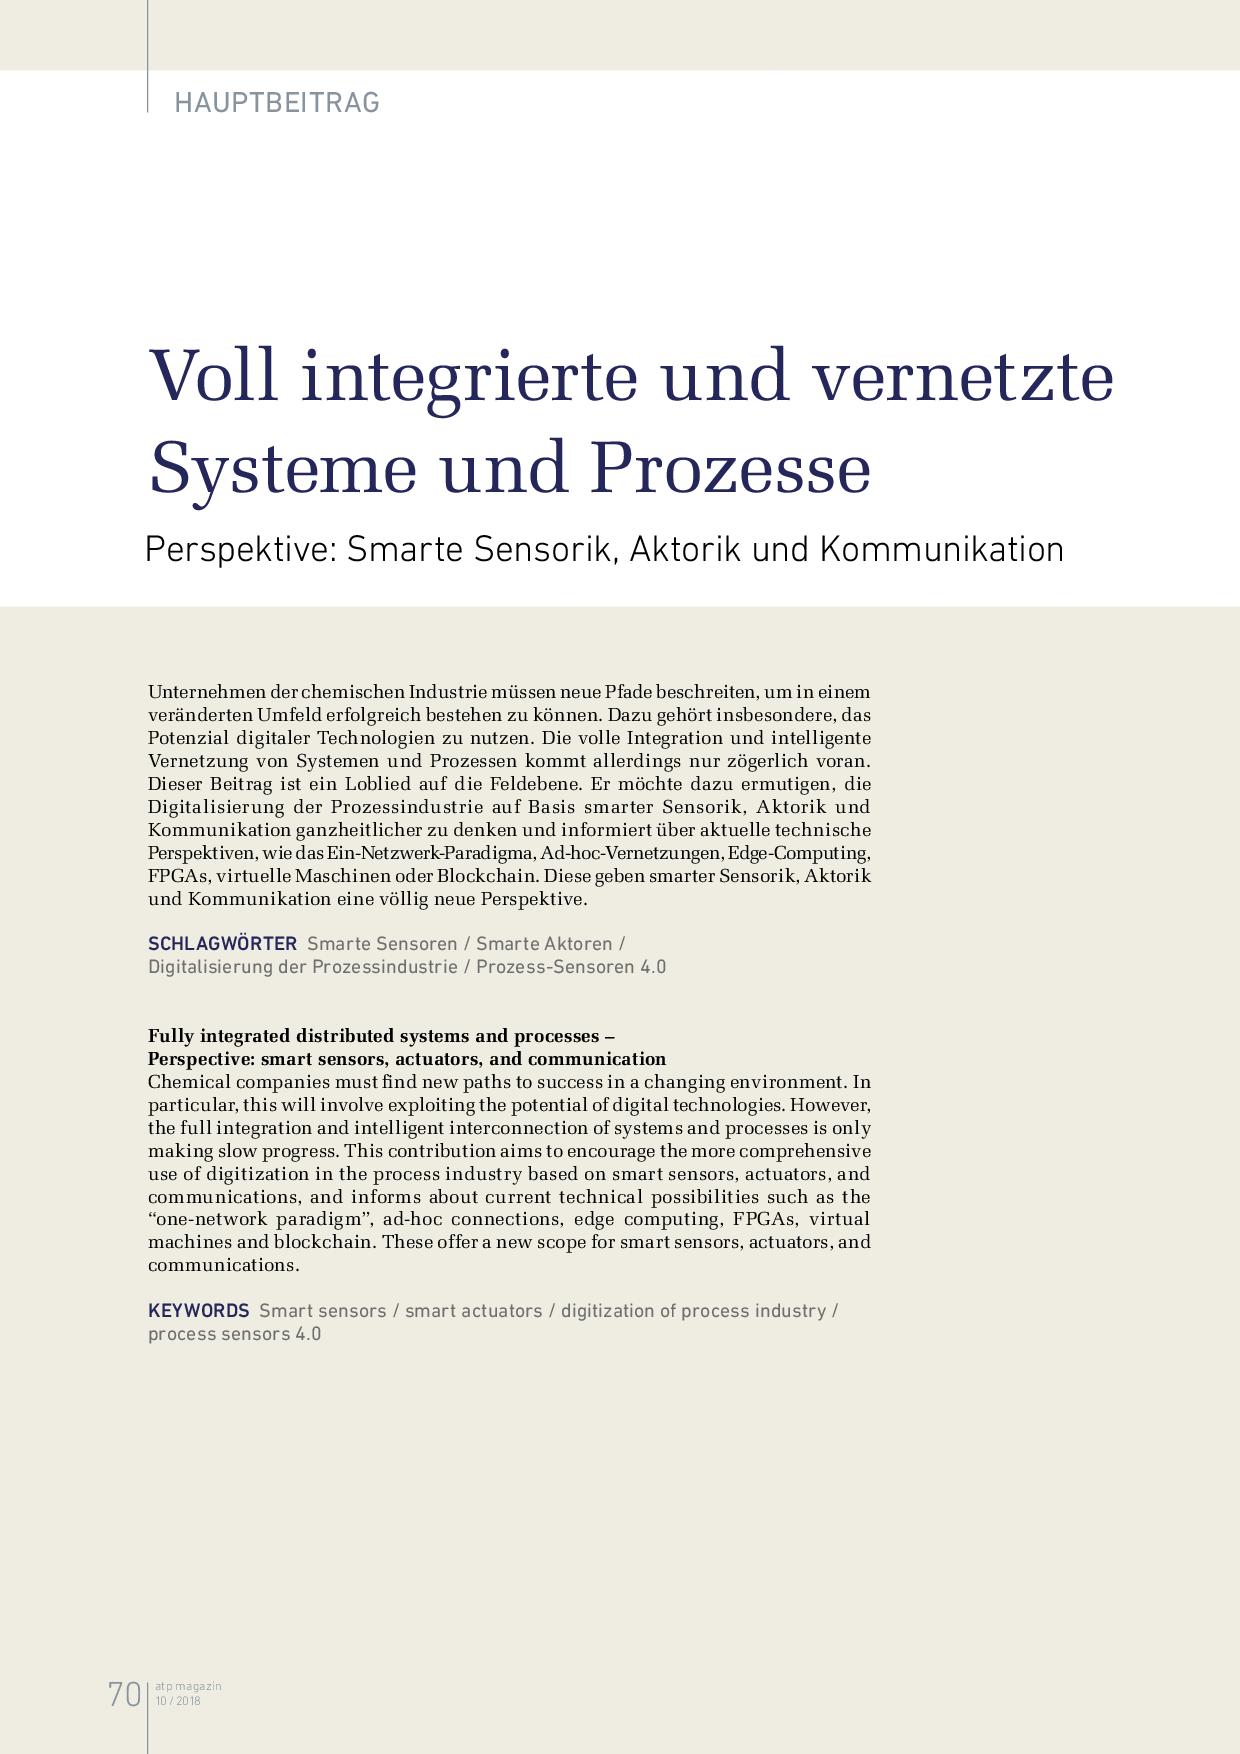 Voll integrierte und vernetzte Systeme und Prozesse